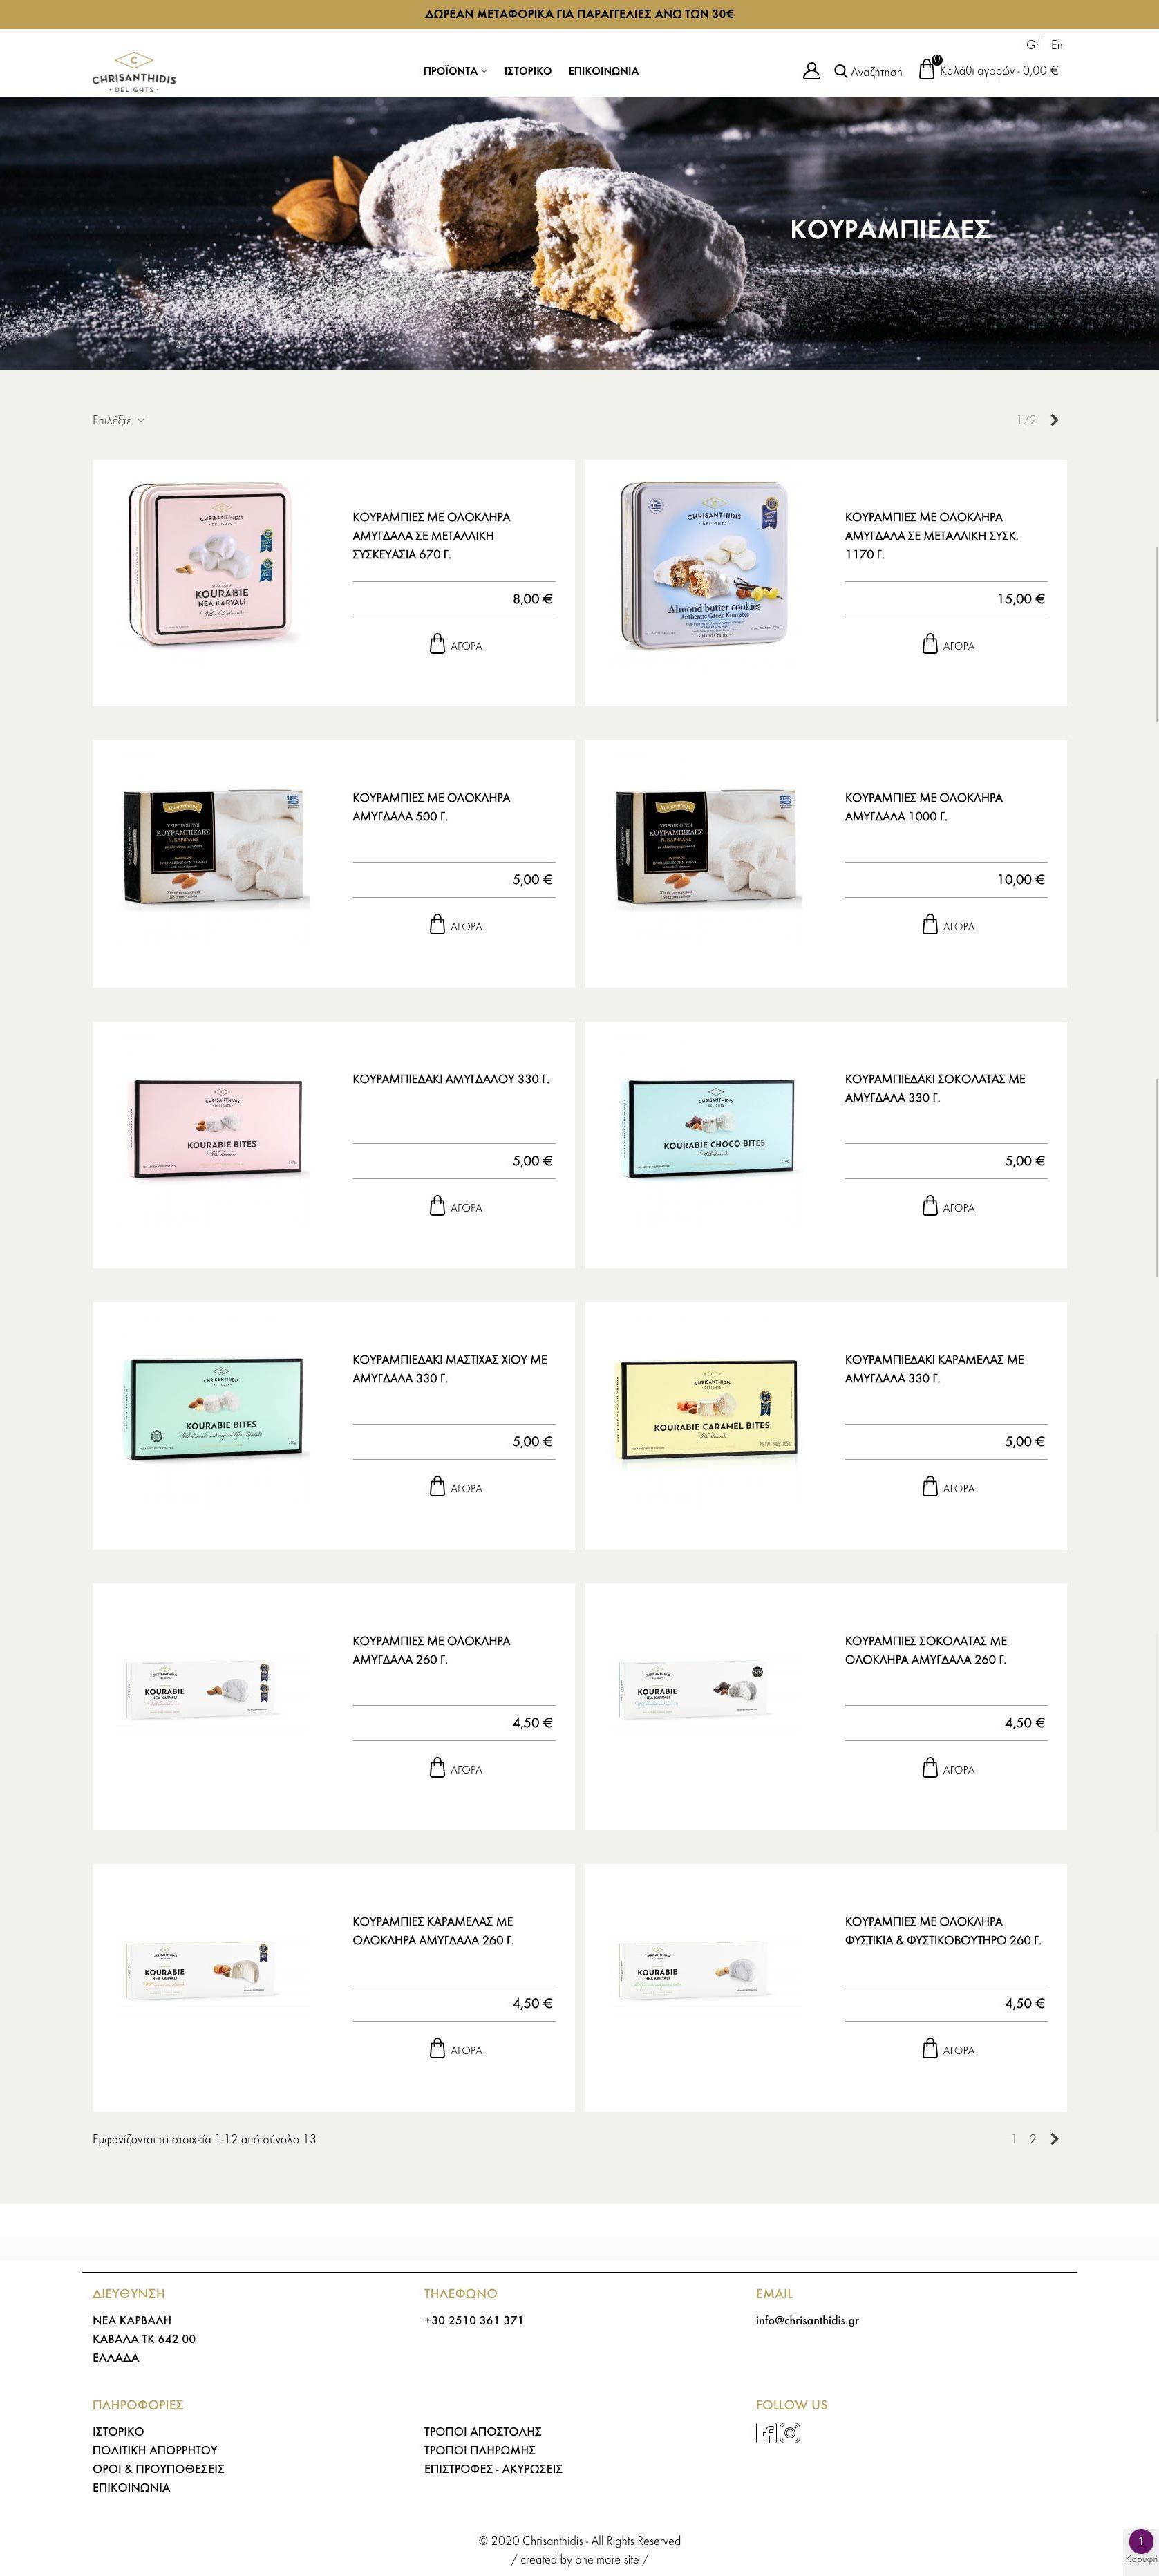 shop.chrisanthidis.gr-scr-6